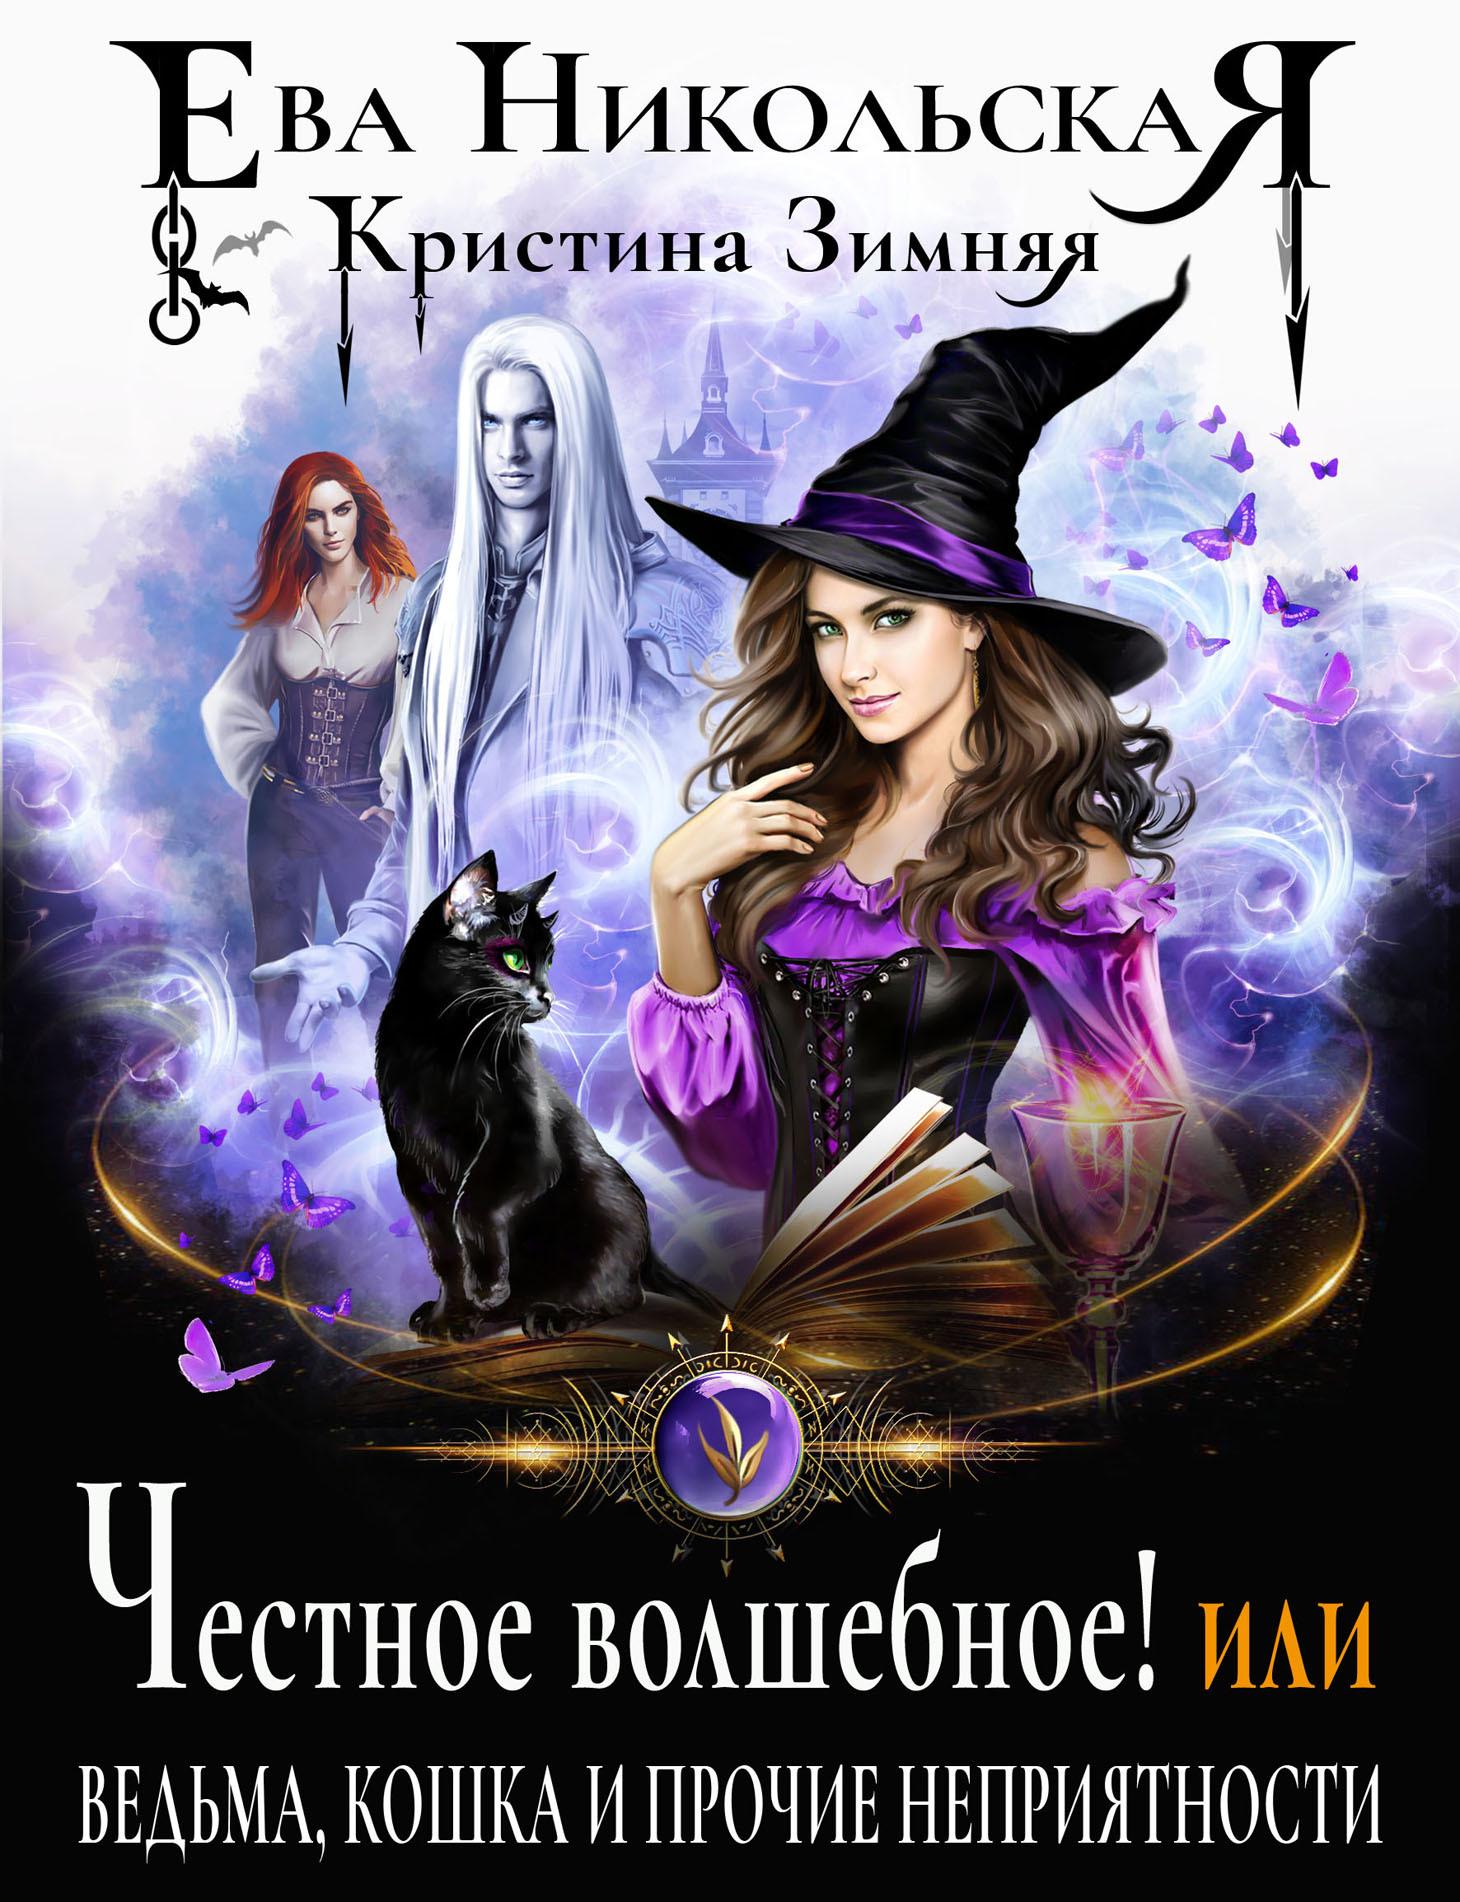 Честное волшебное! или Ведьма, кошка и прочие неприятности